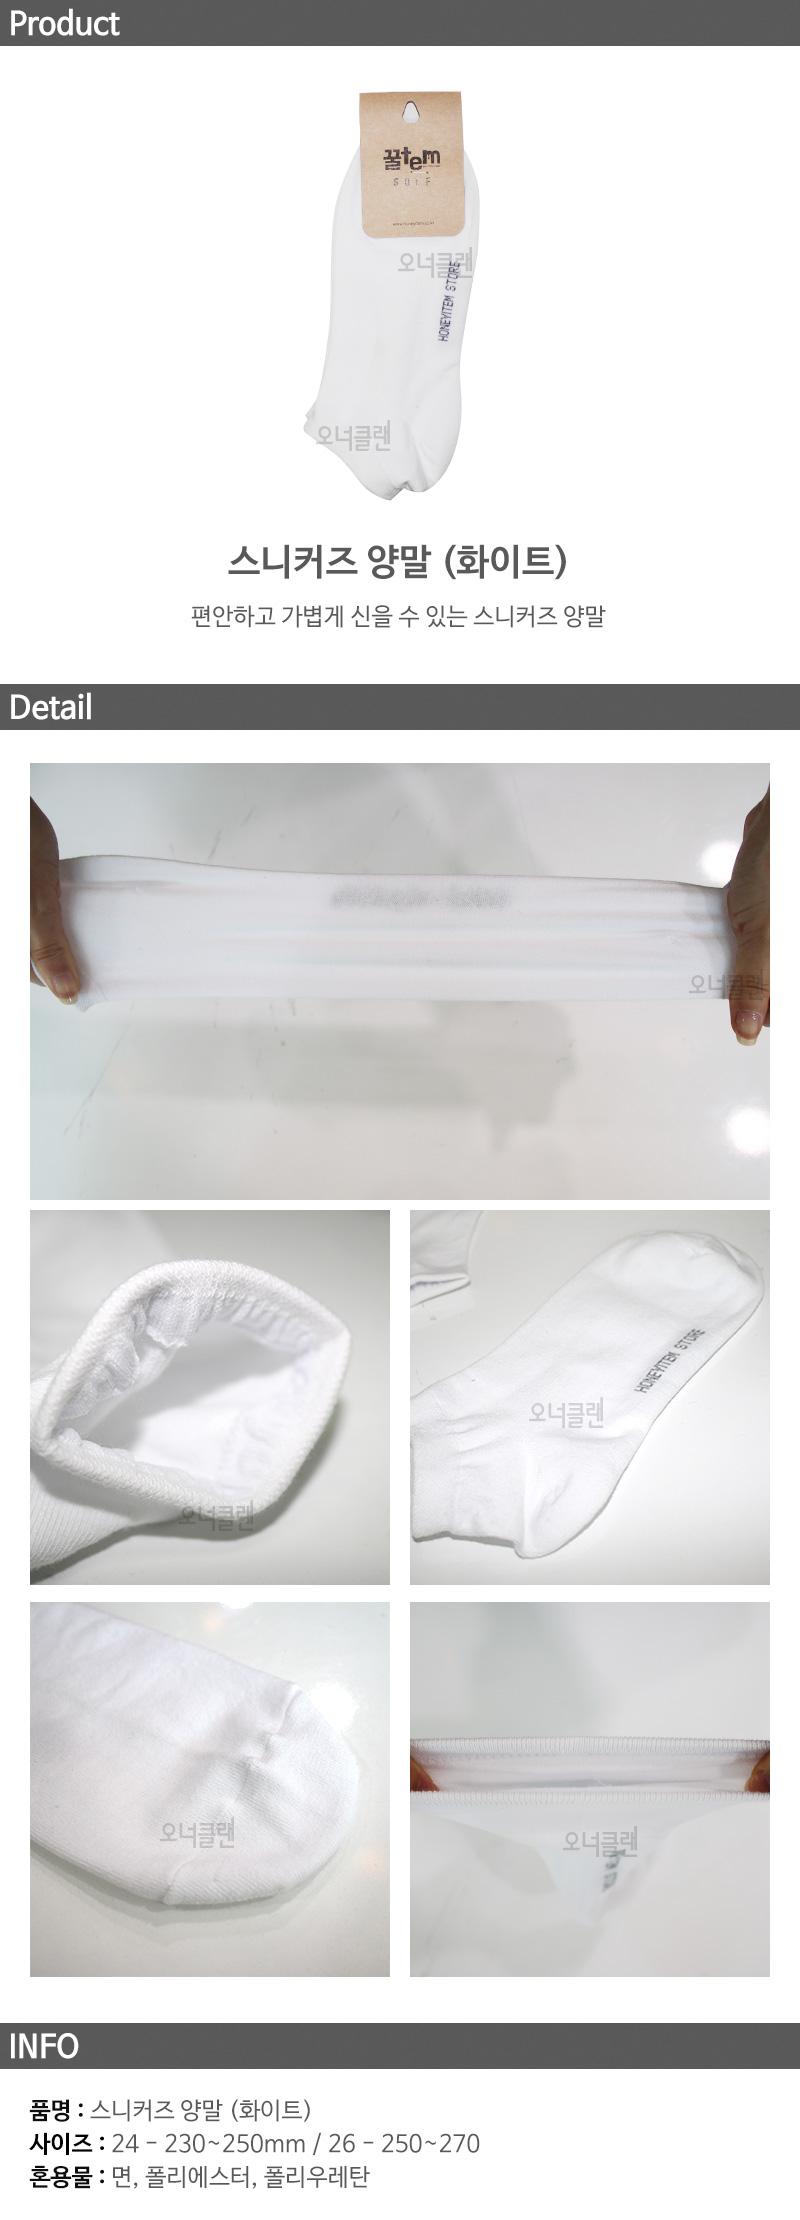 꿀템스토어 양말 스니커즈 남녀공용 단목 1P 화이트 - 오너클랜, 2,700원, 남성양말, 패션양말